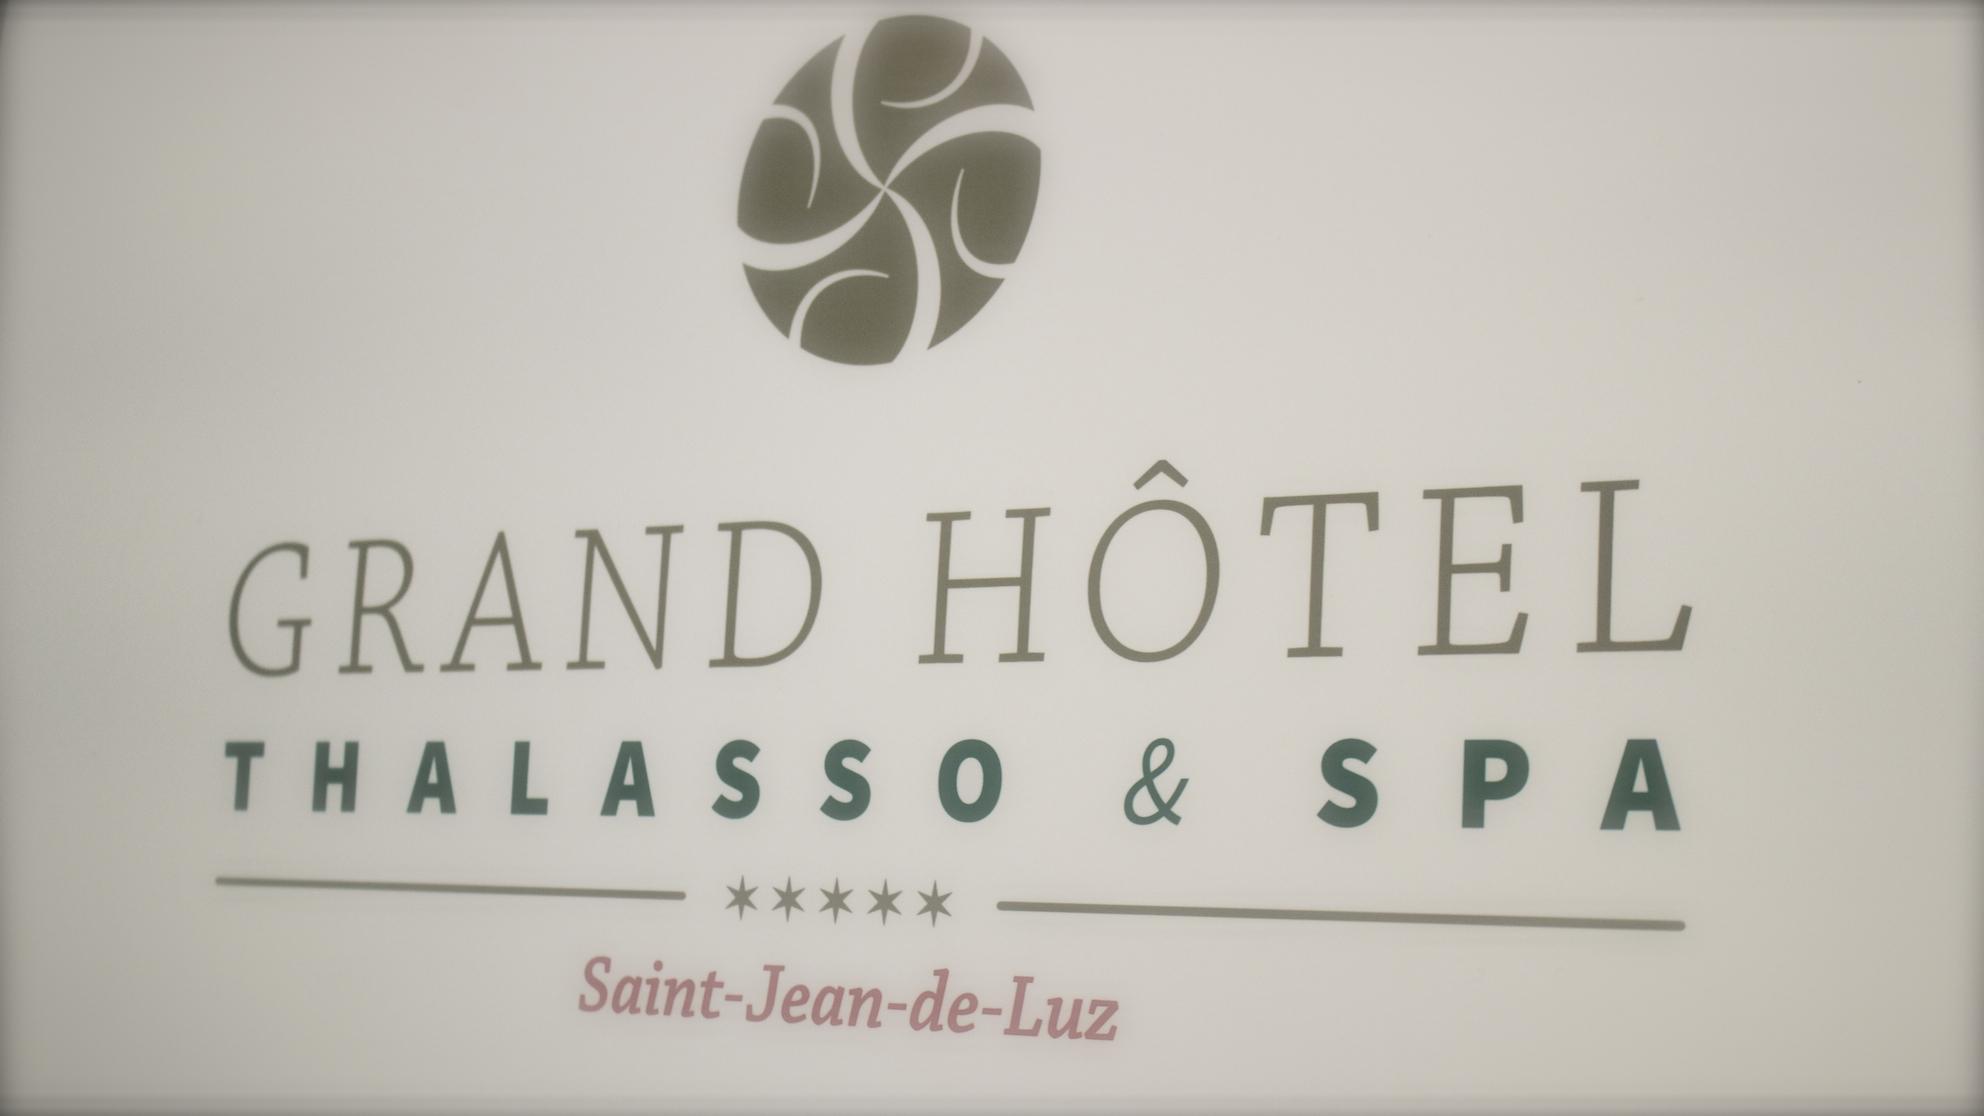 INAUGURATION-GRAND-HOTEL-saint-jean-de-luz-agence-evenementielle-pays-basque-le-cercle-evenements-061